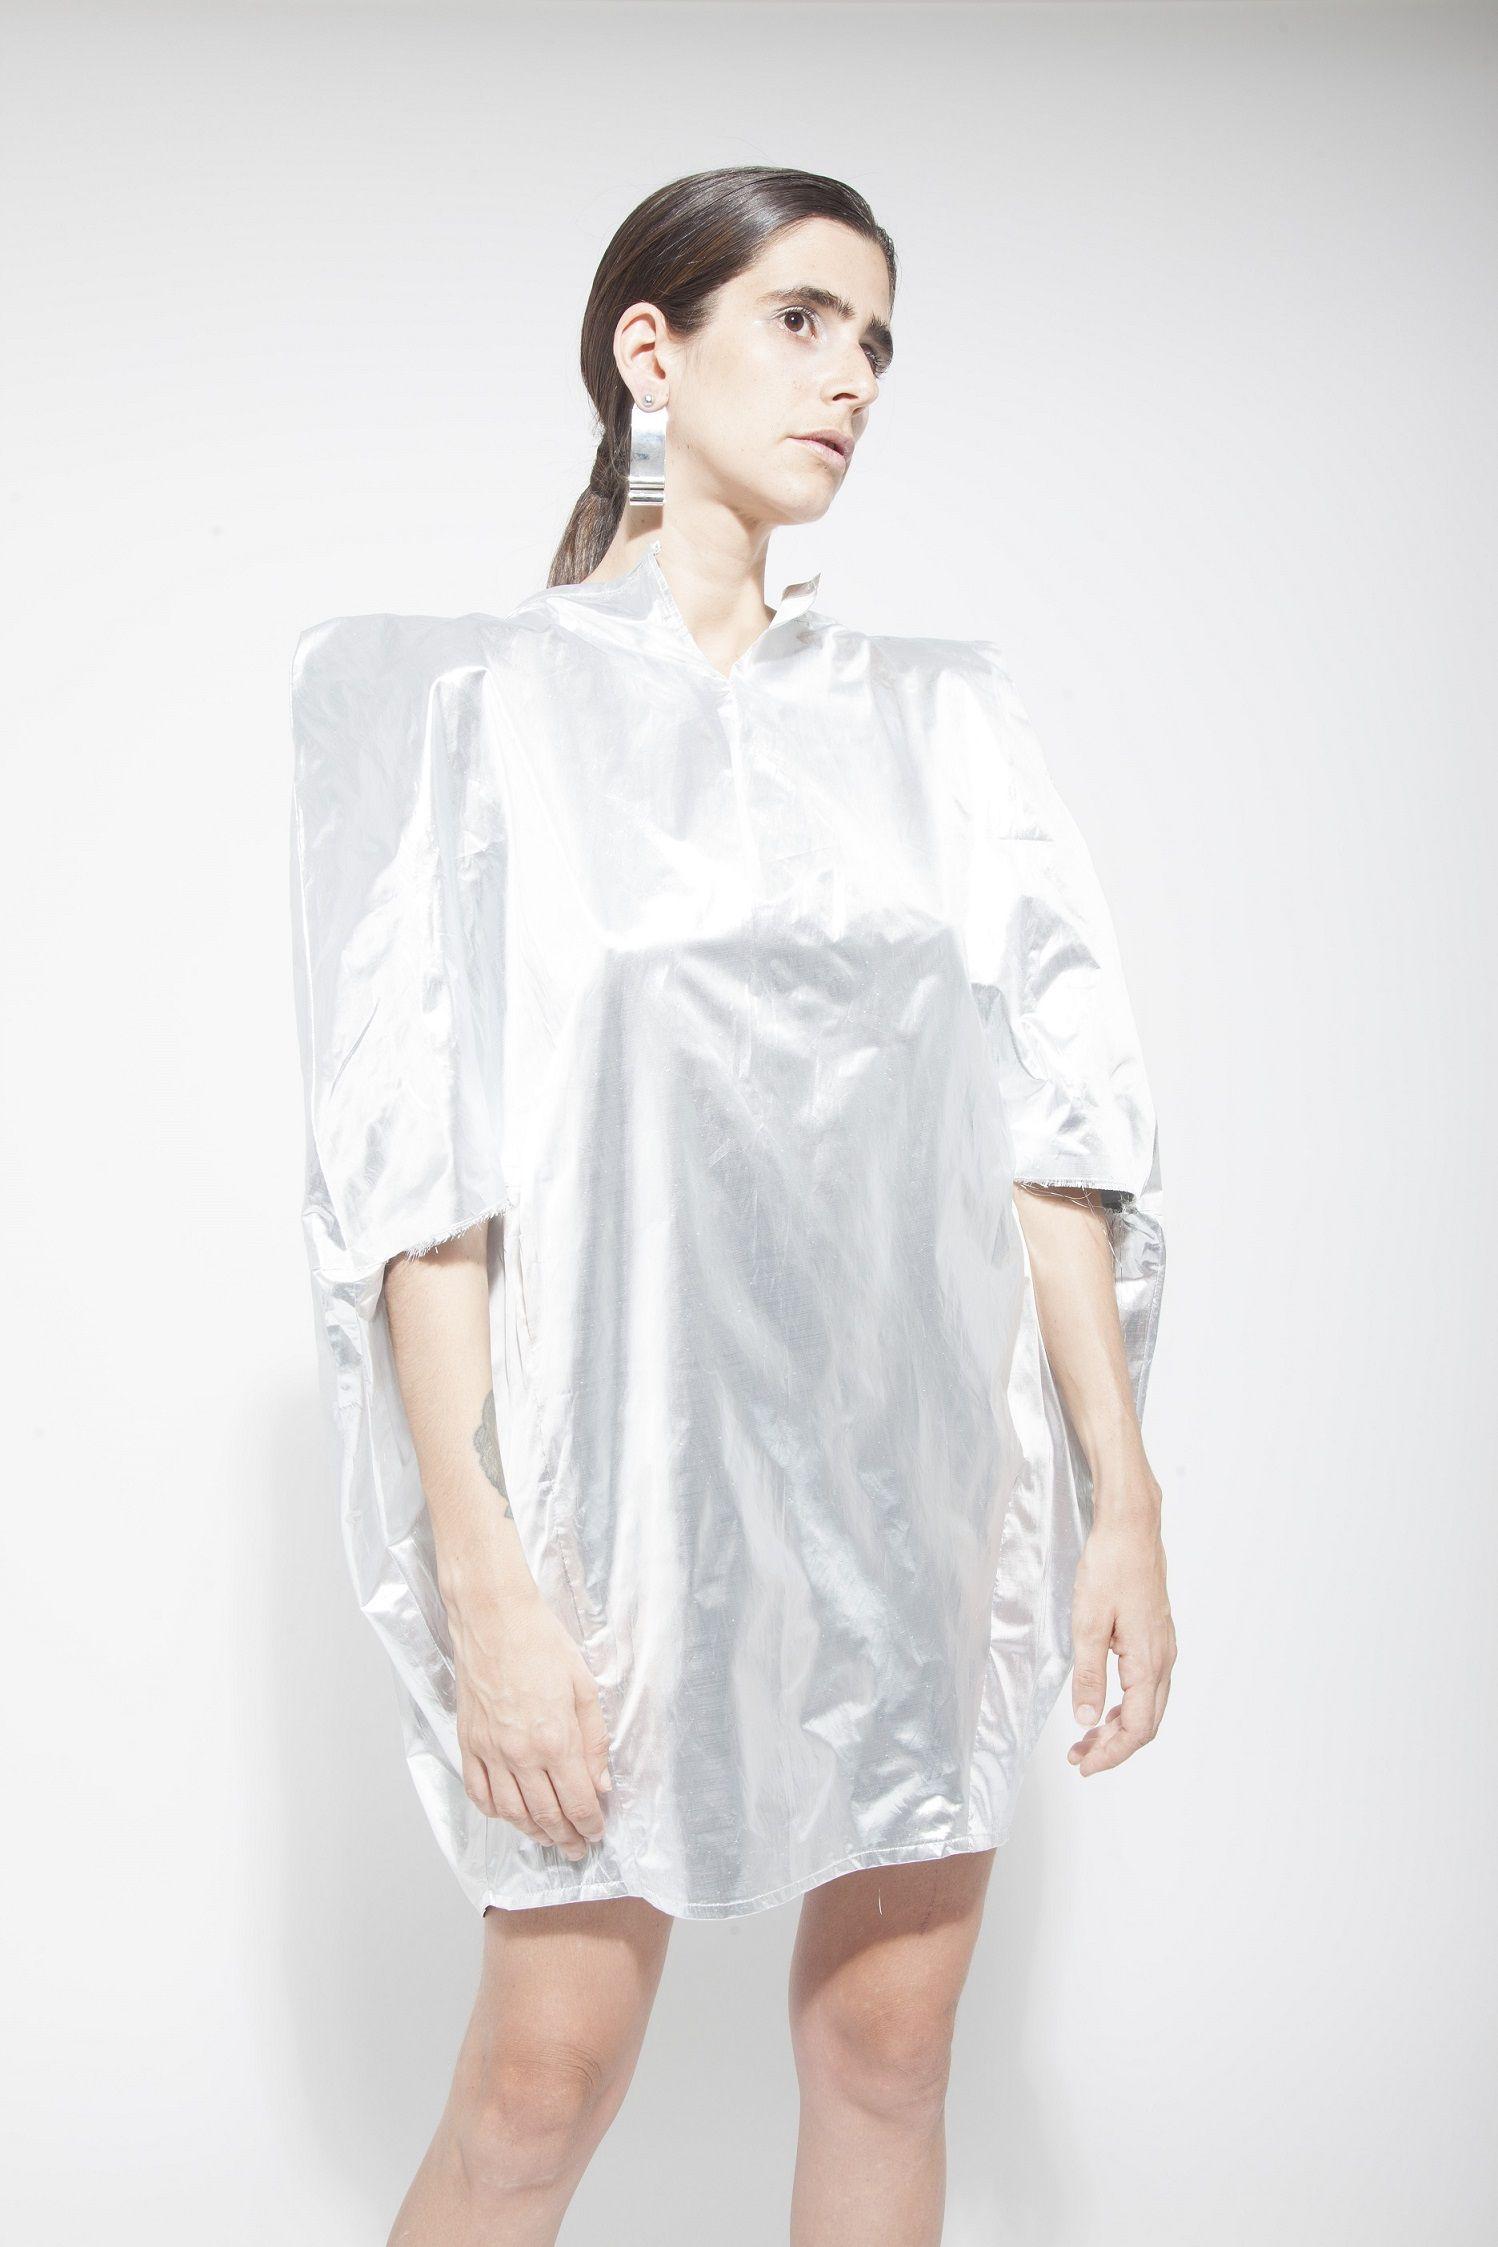 La pasarela MBFWM, consciente de la importancia de la sostenibilidad en la industria de la moda